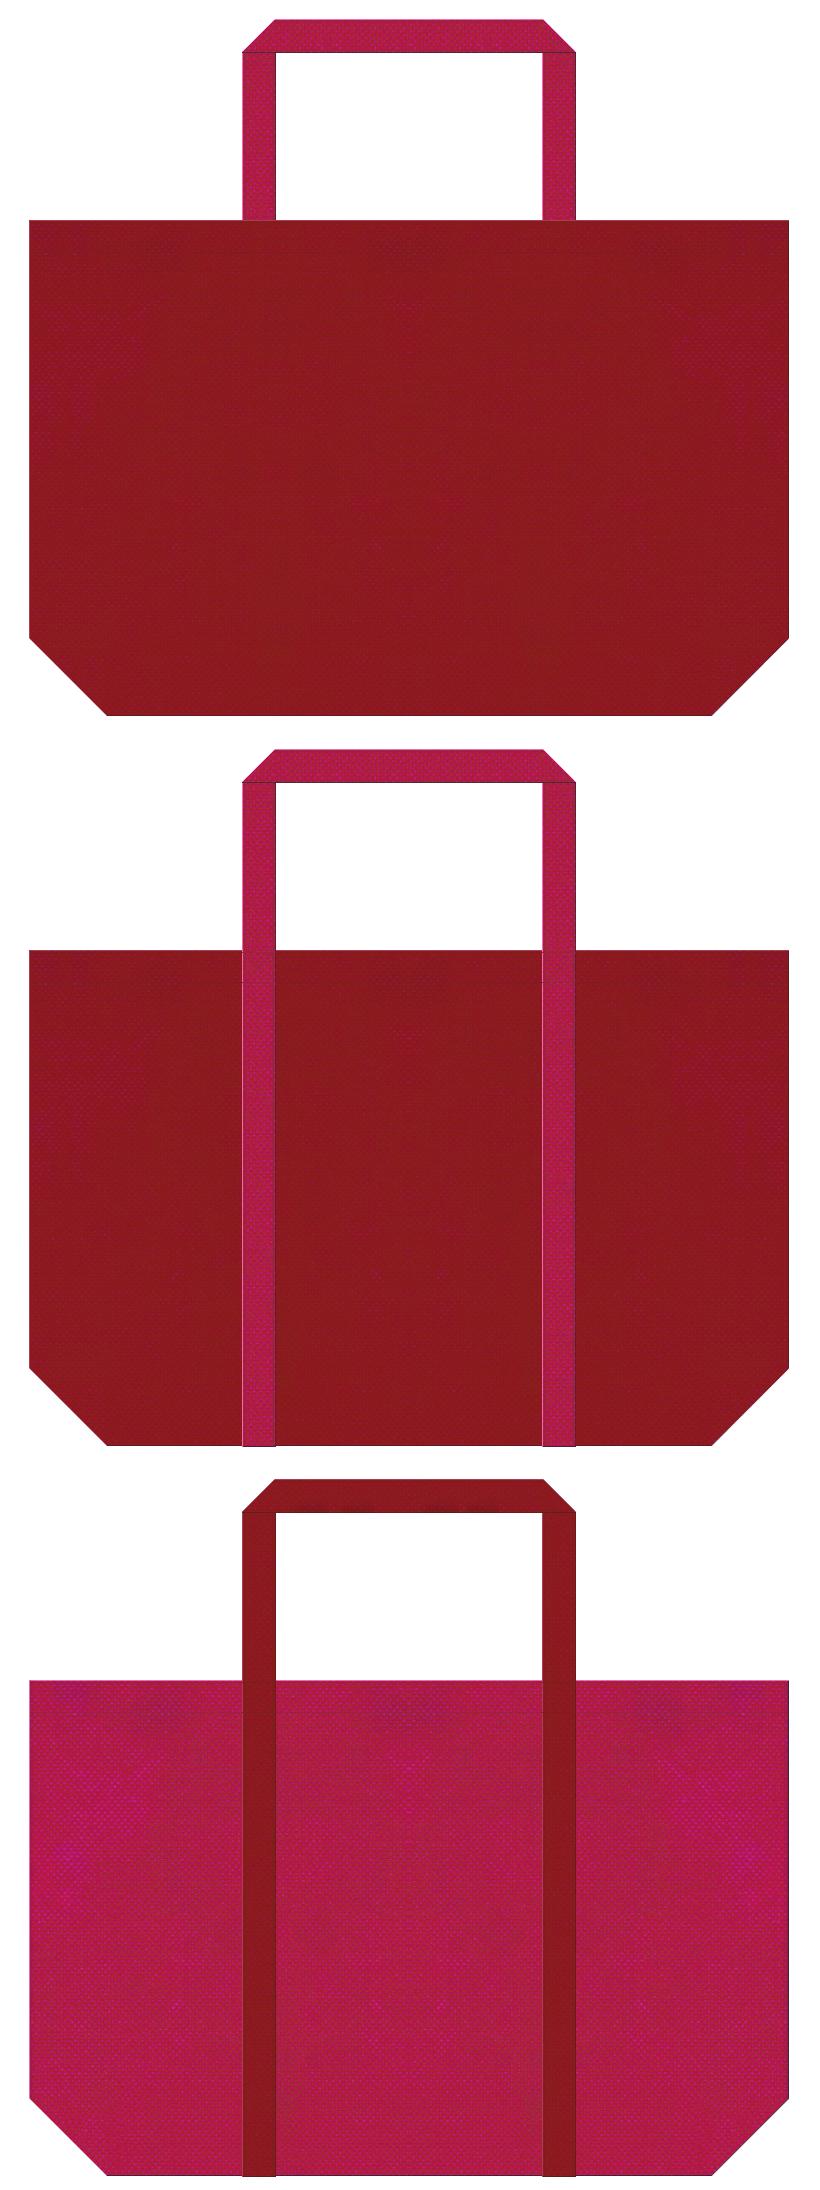 エンジ色と濃いピンク色の不織布ショッピングバッグのデザイン。和雑貨のショッピングバッグ・福袋にお奨めです。